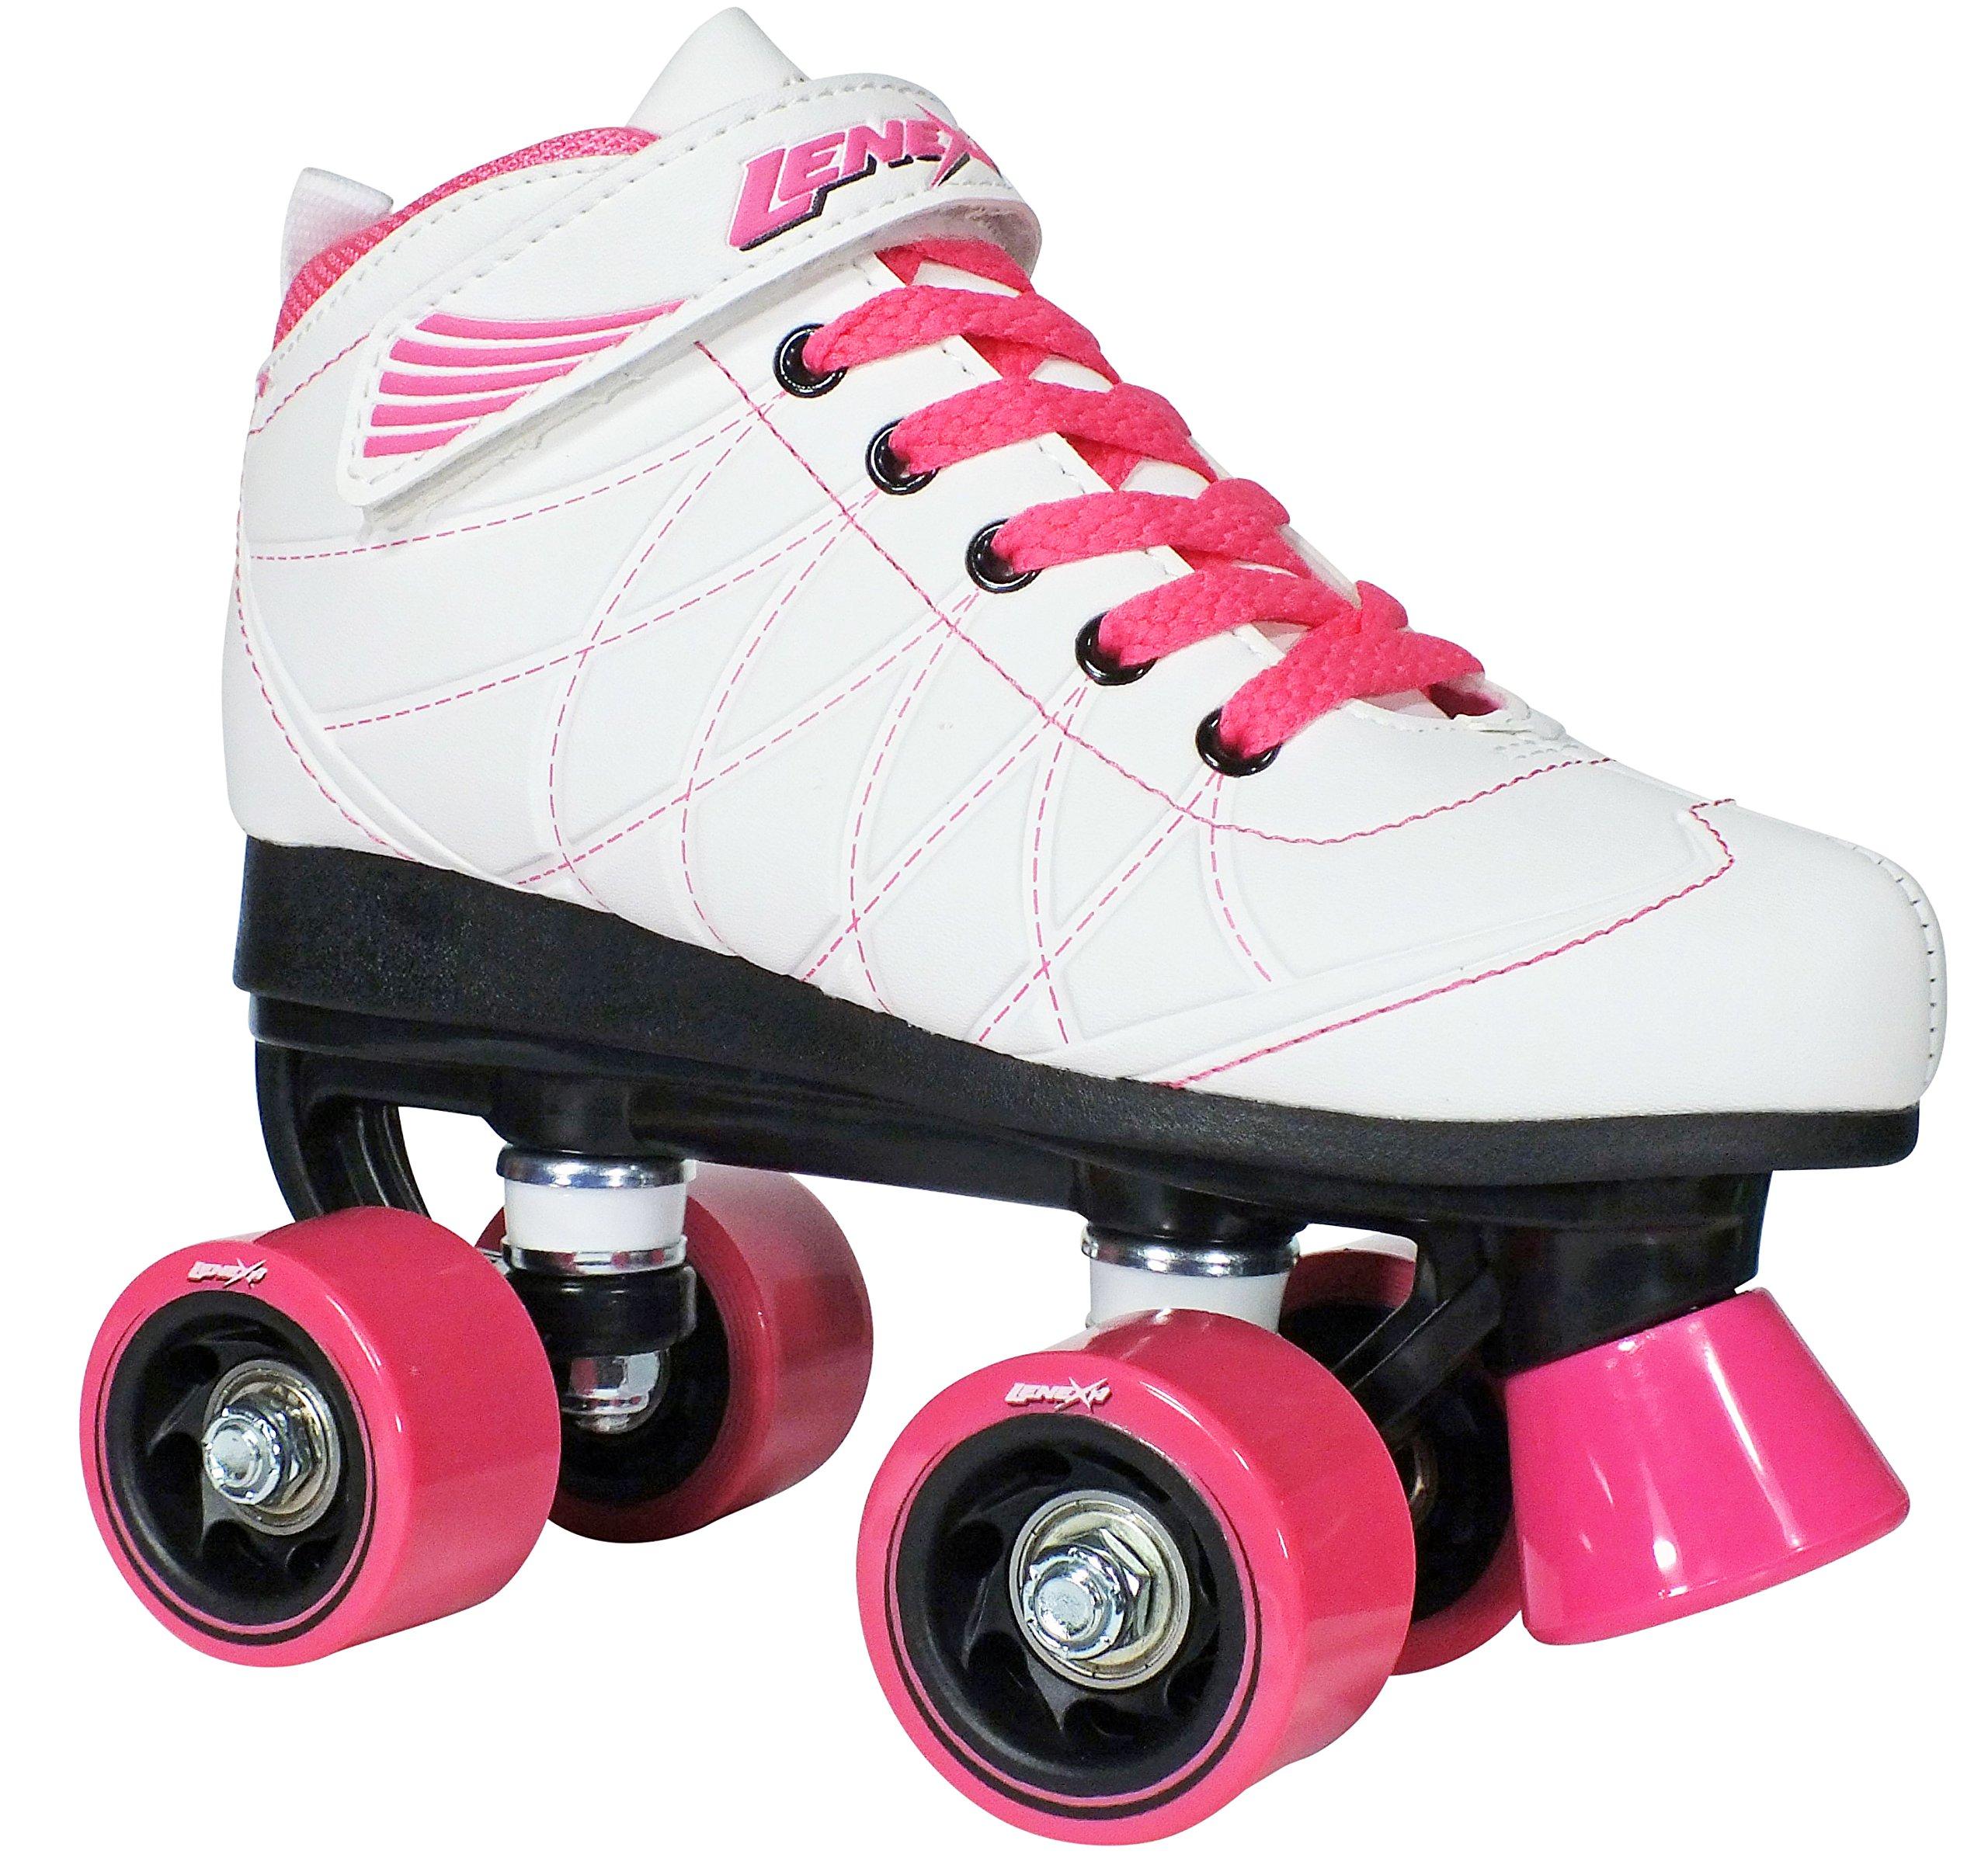 Lenexa Hoopla Kids Roller Skates for Kids Children - Girls and Boys - Kids Rollerskates - Childrens Quad Derby Roller Skate for Youths Boy/Girl - Kids Skates (White w/Pink Wheels Size 4)